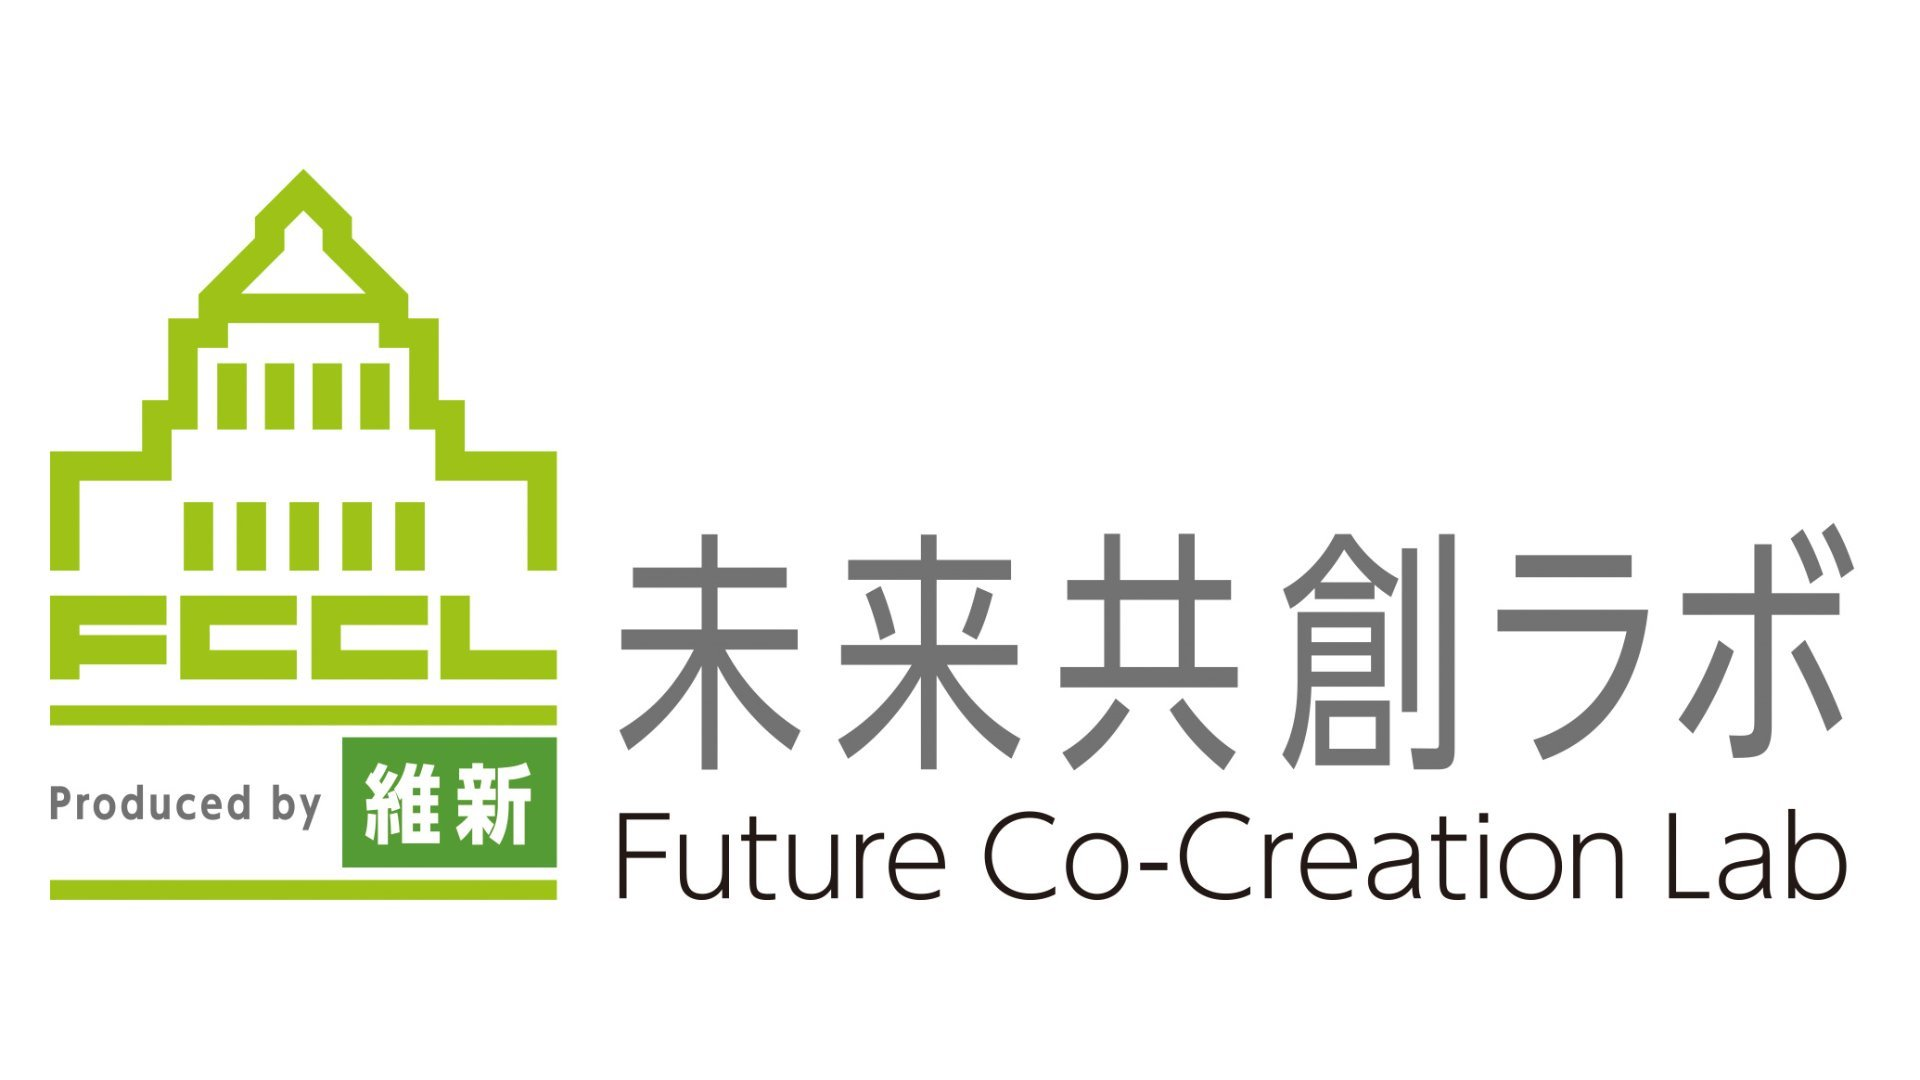 未来共創ラボ produced by 日本維新の会